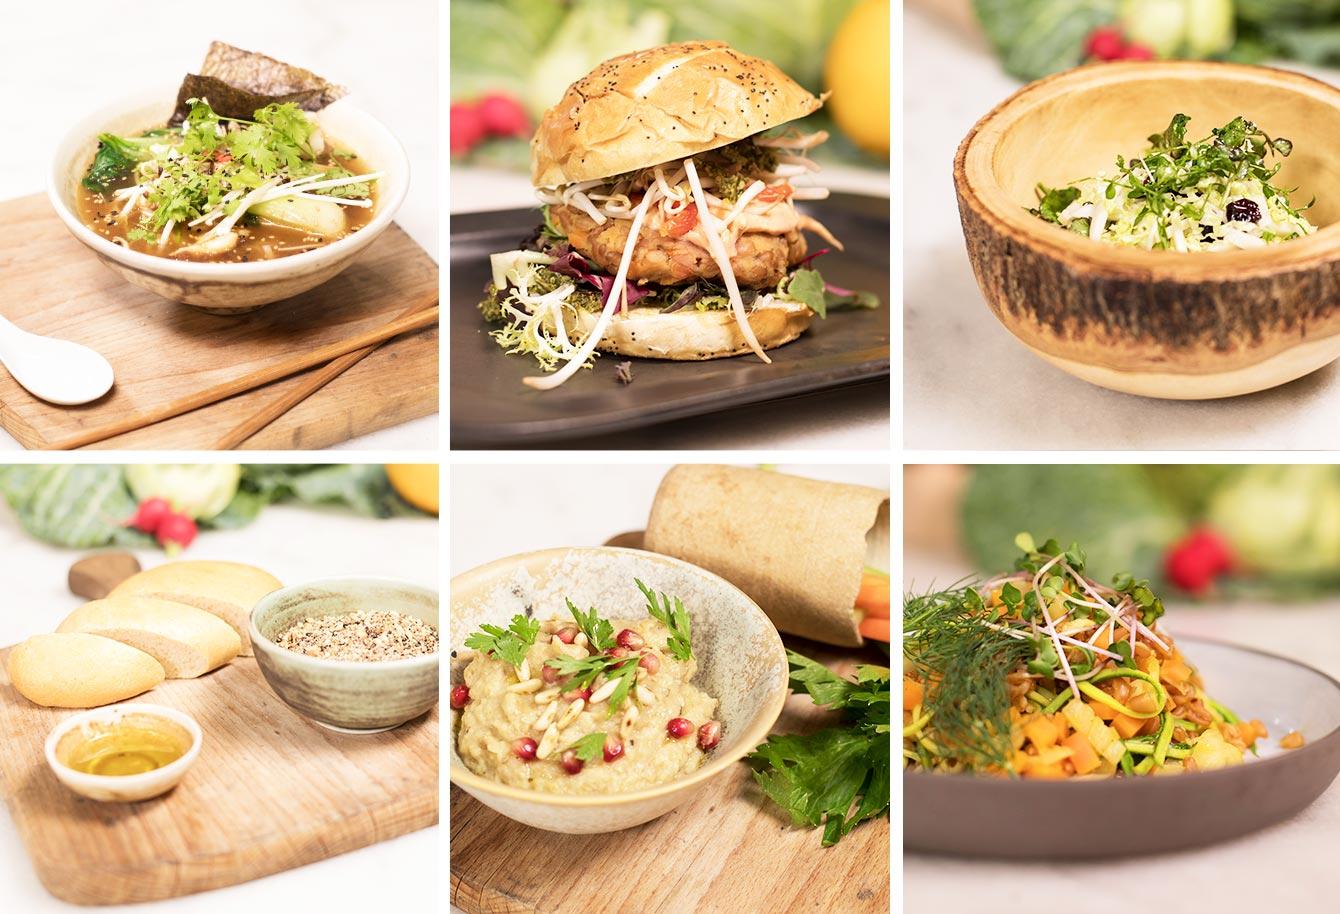 6 fotos de platos vegetarianos del curso